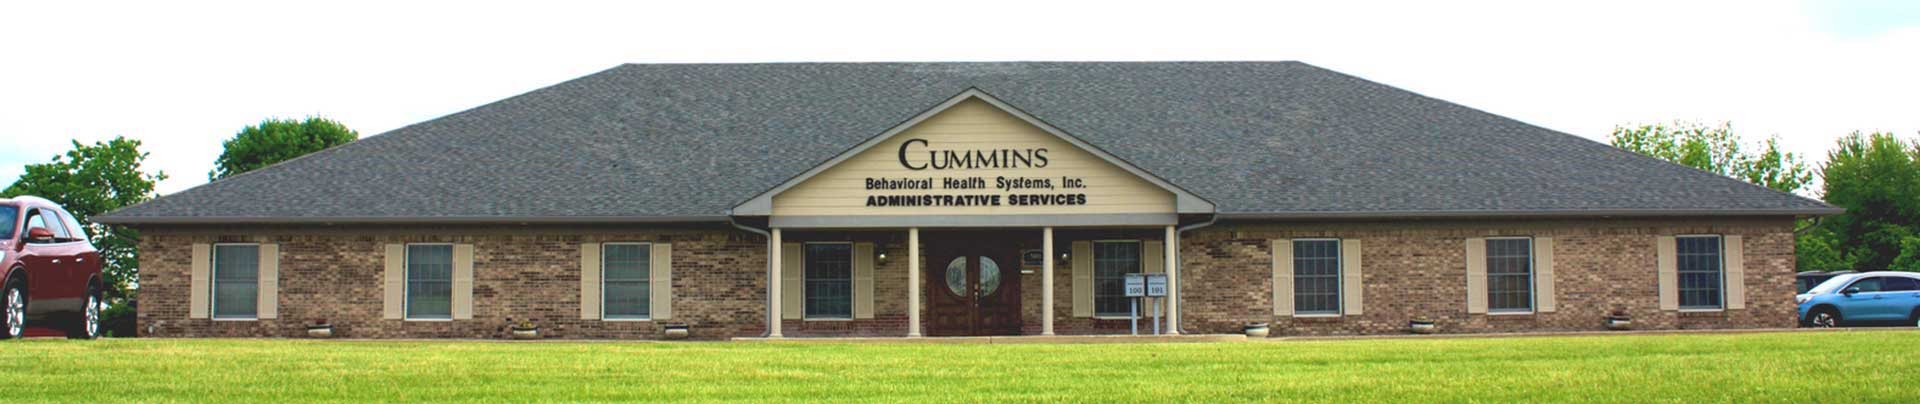 cummins-location